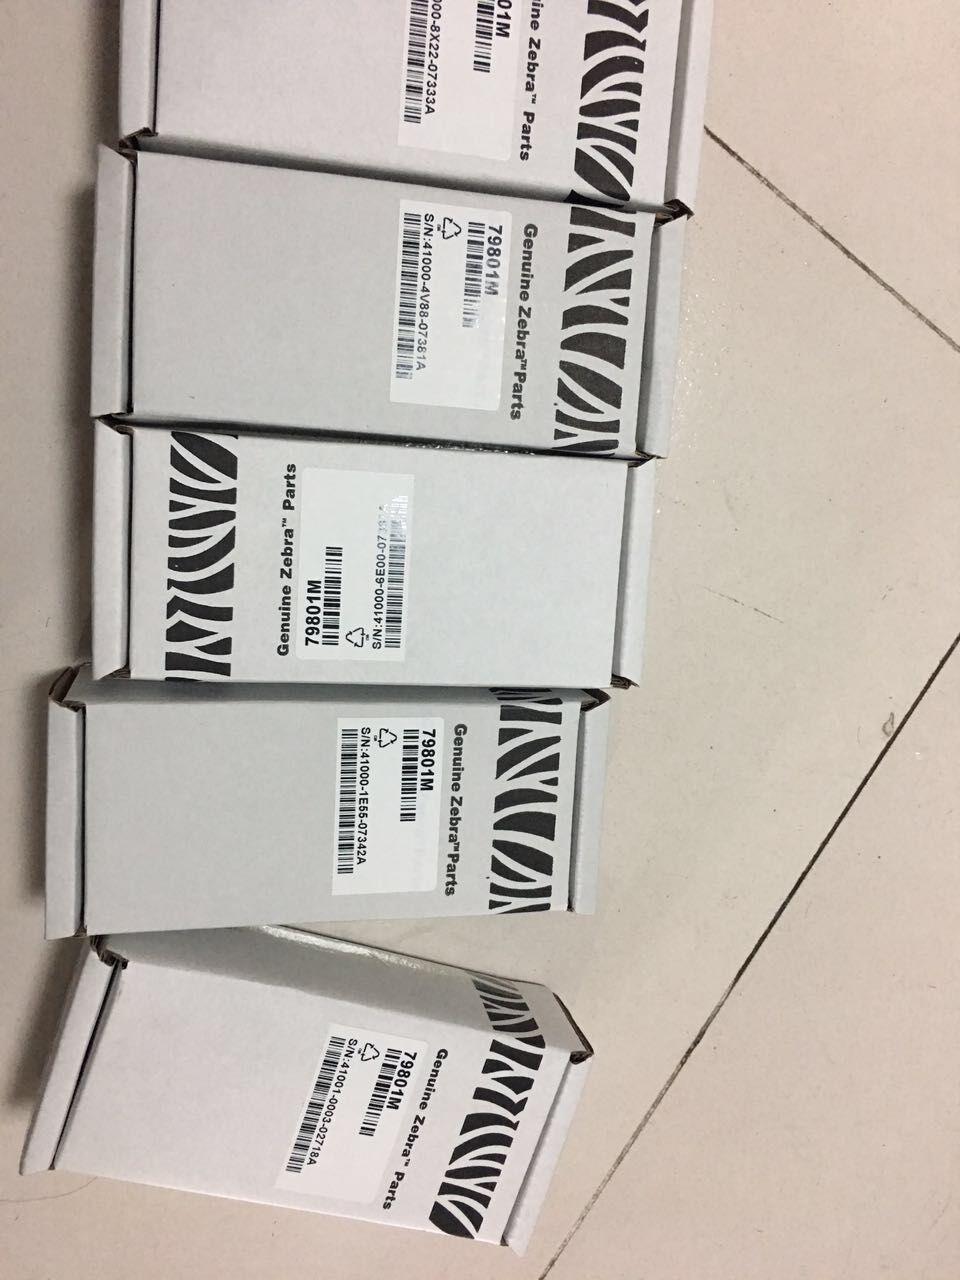 Neue kompatibel Für Thermodruckkopf ZM400 300 DPI Druckkopf 79801 Mt-Druckkopf Zebra ZM400/RZ400 (300 dpi druckkopf